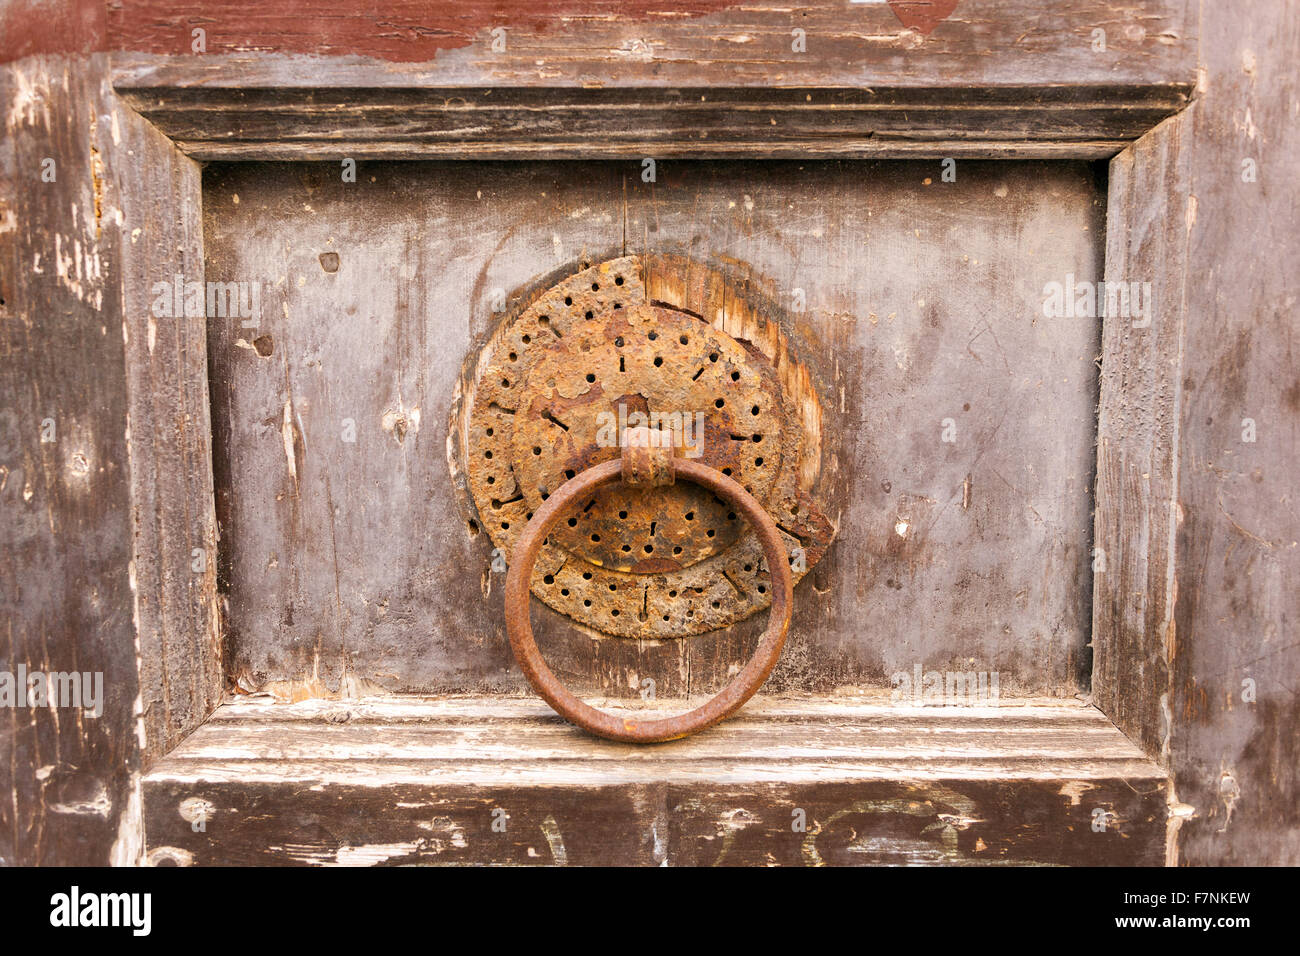 Old door knocker on rustical wooden door. - Stock Image